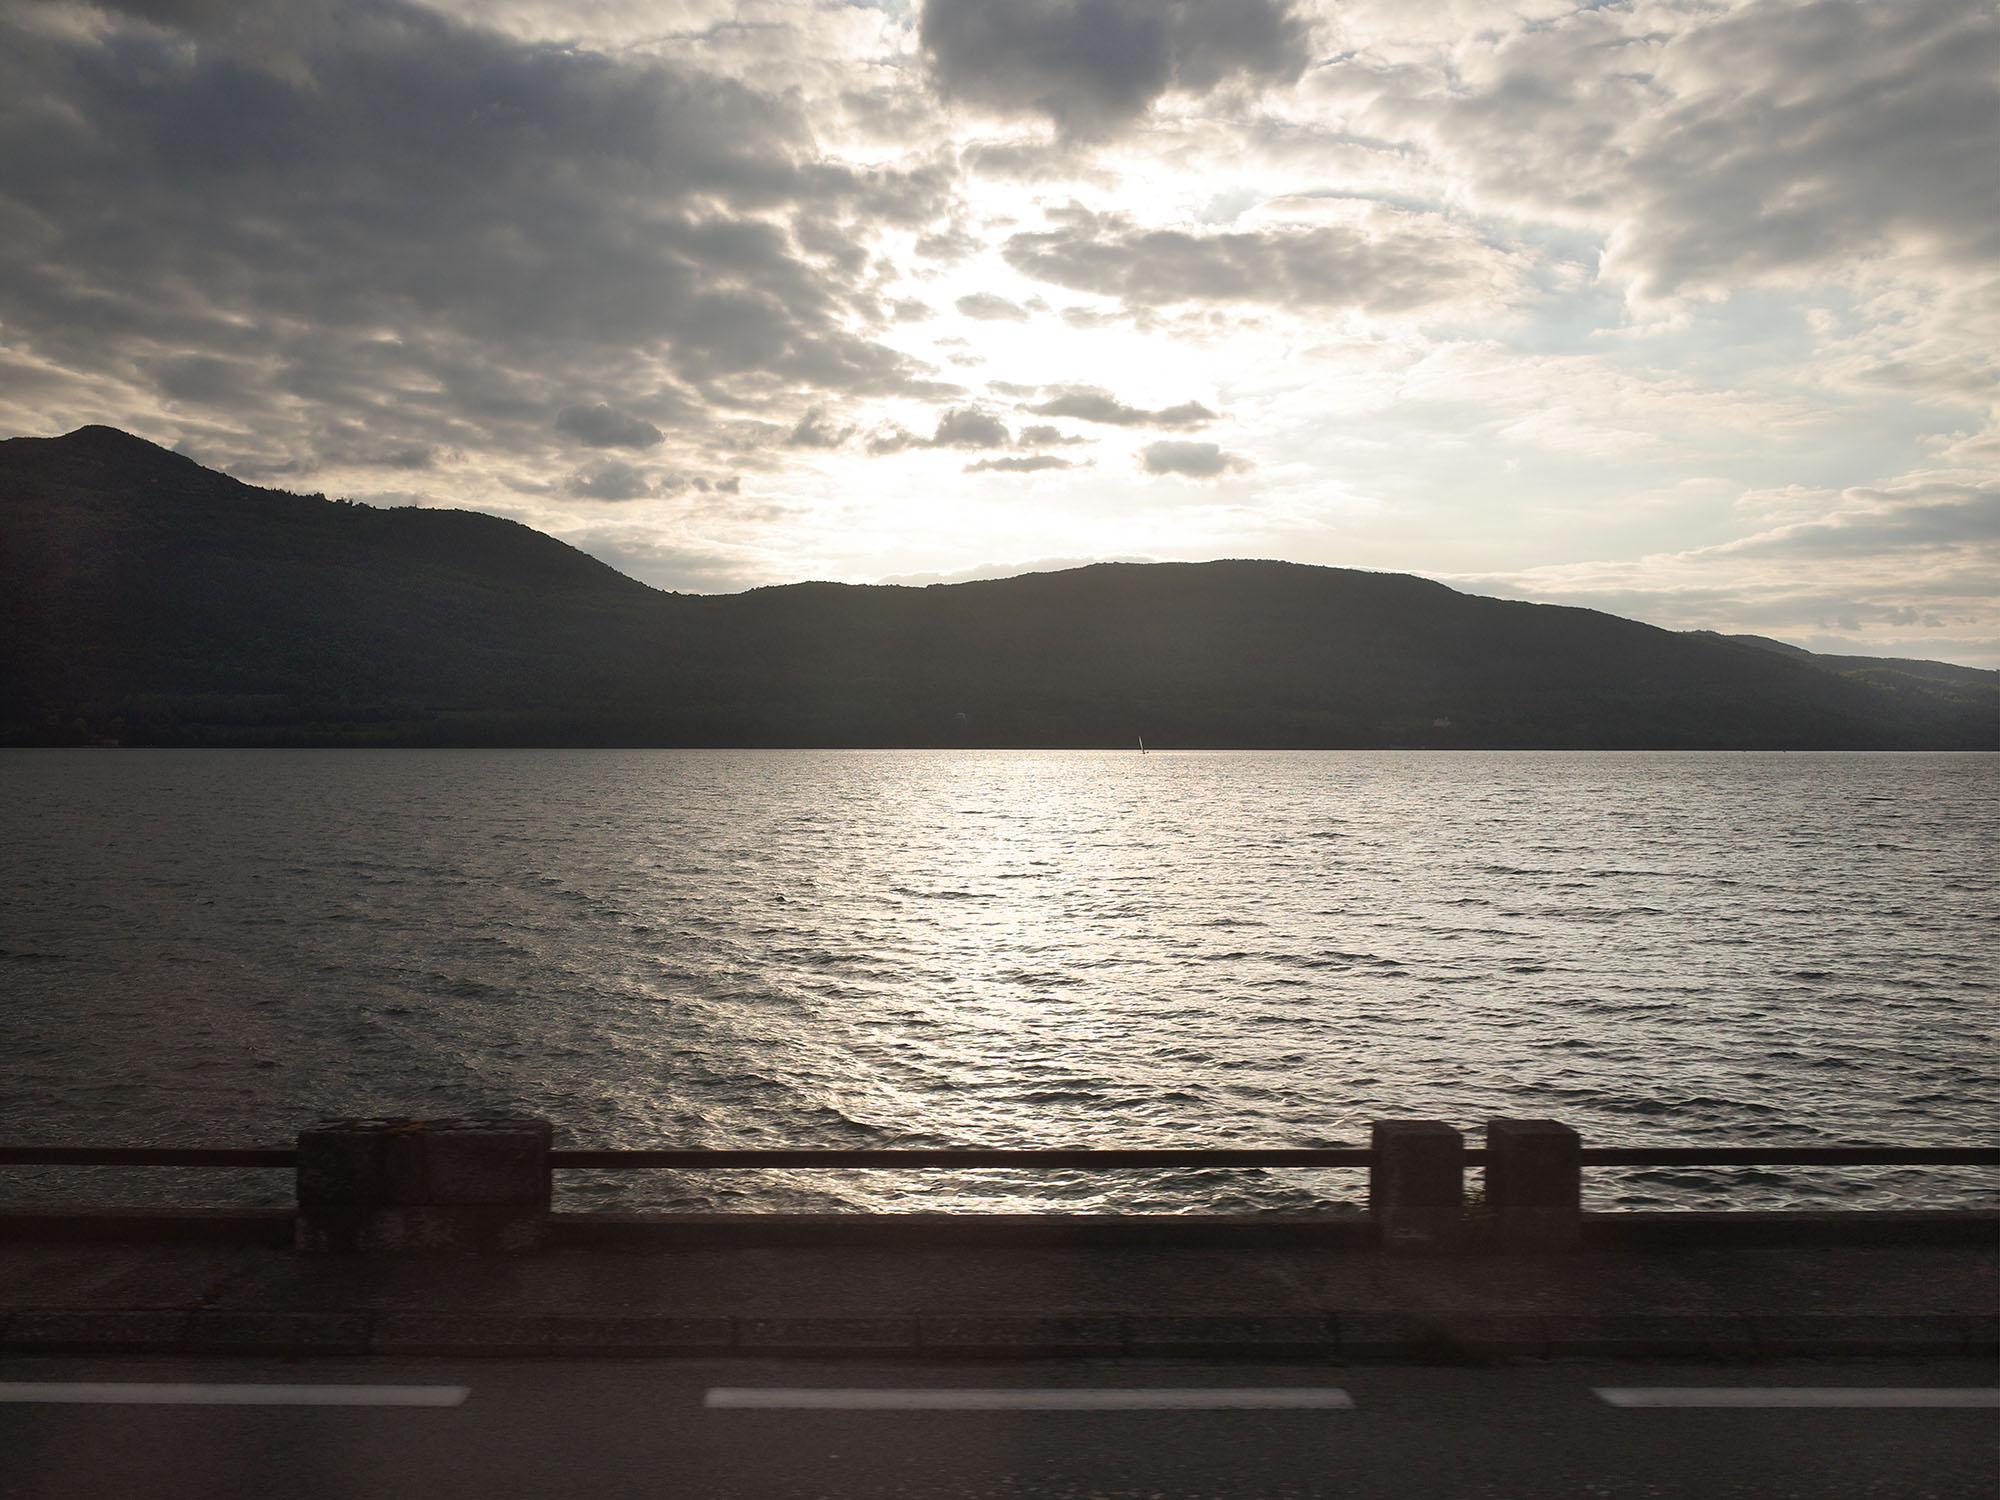 lac-du-bourget-tgv-28-04-2015